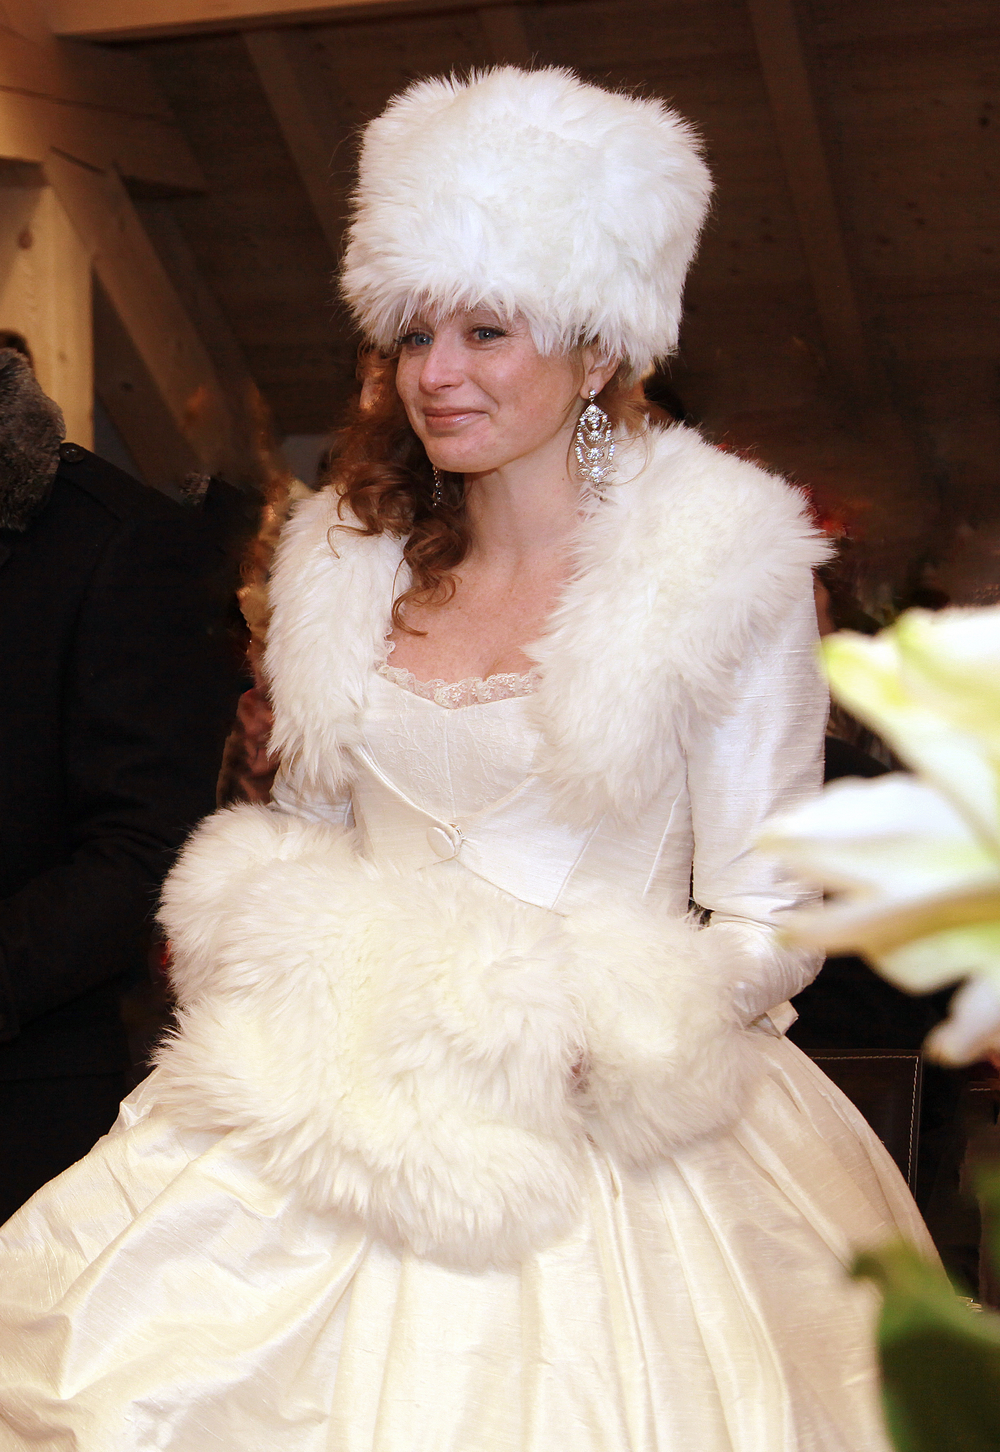 Robe de mariée et veste soie fourrure - Agnes Szabelewski.jpg